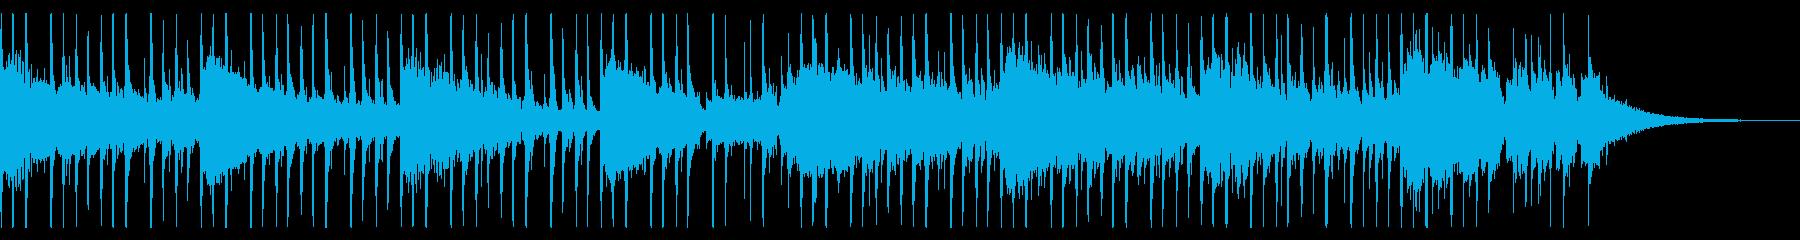 就職面接(40秒)の再生済みの波形